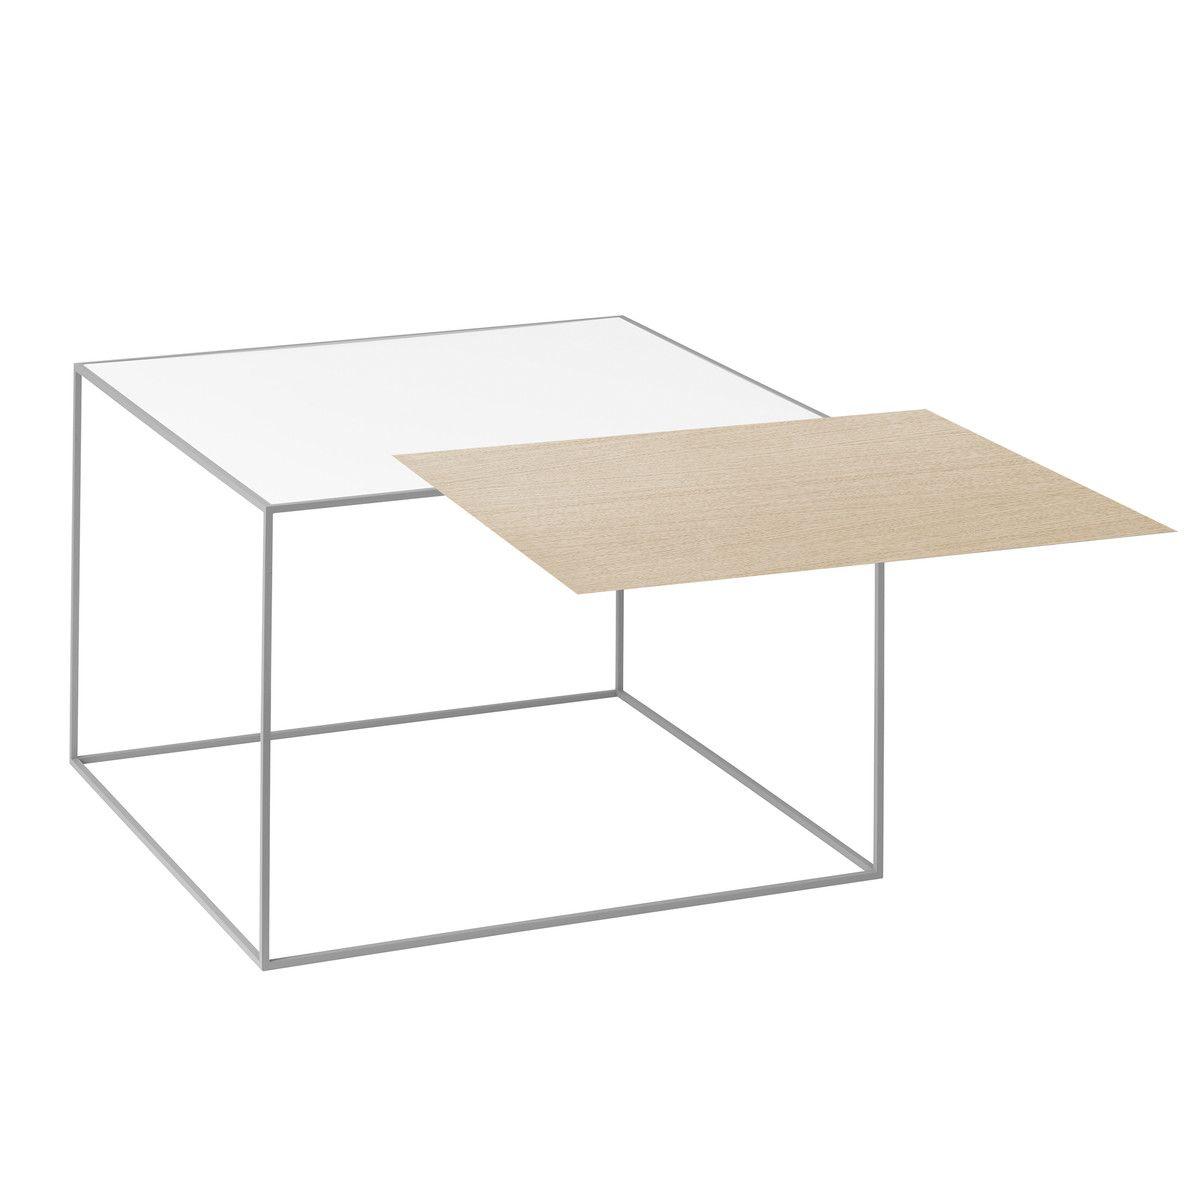 by Lassen - Twin 49 Beistelltisch, grauer Rahmen, weiß / Eiche Jetzt ...